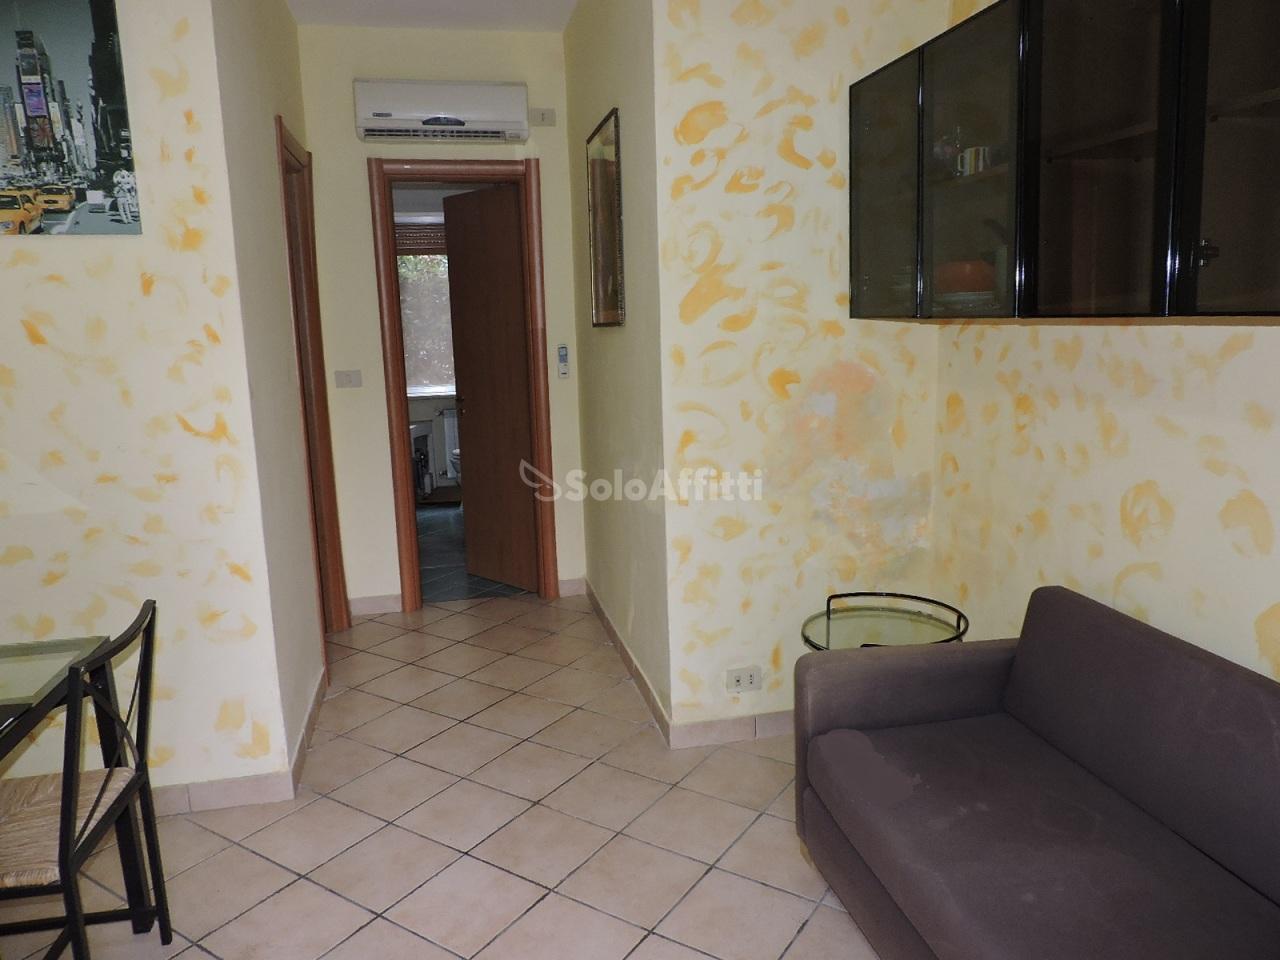 Bilocale in buone condizioni arredato in affitto Rif. 8239095